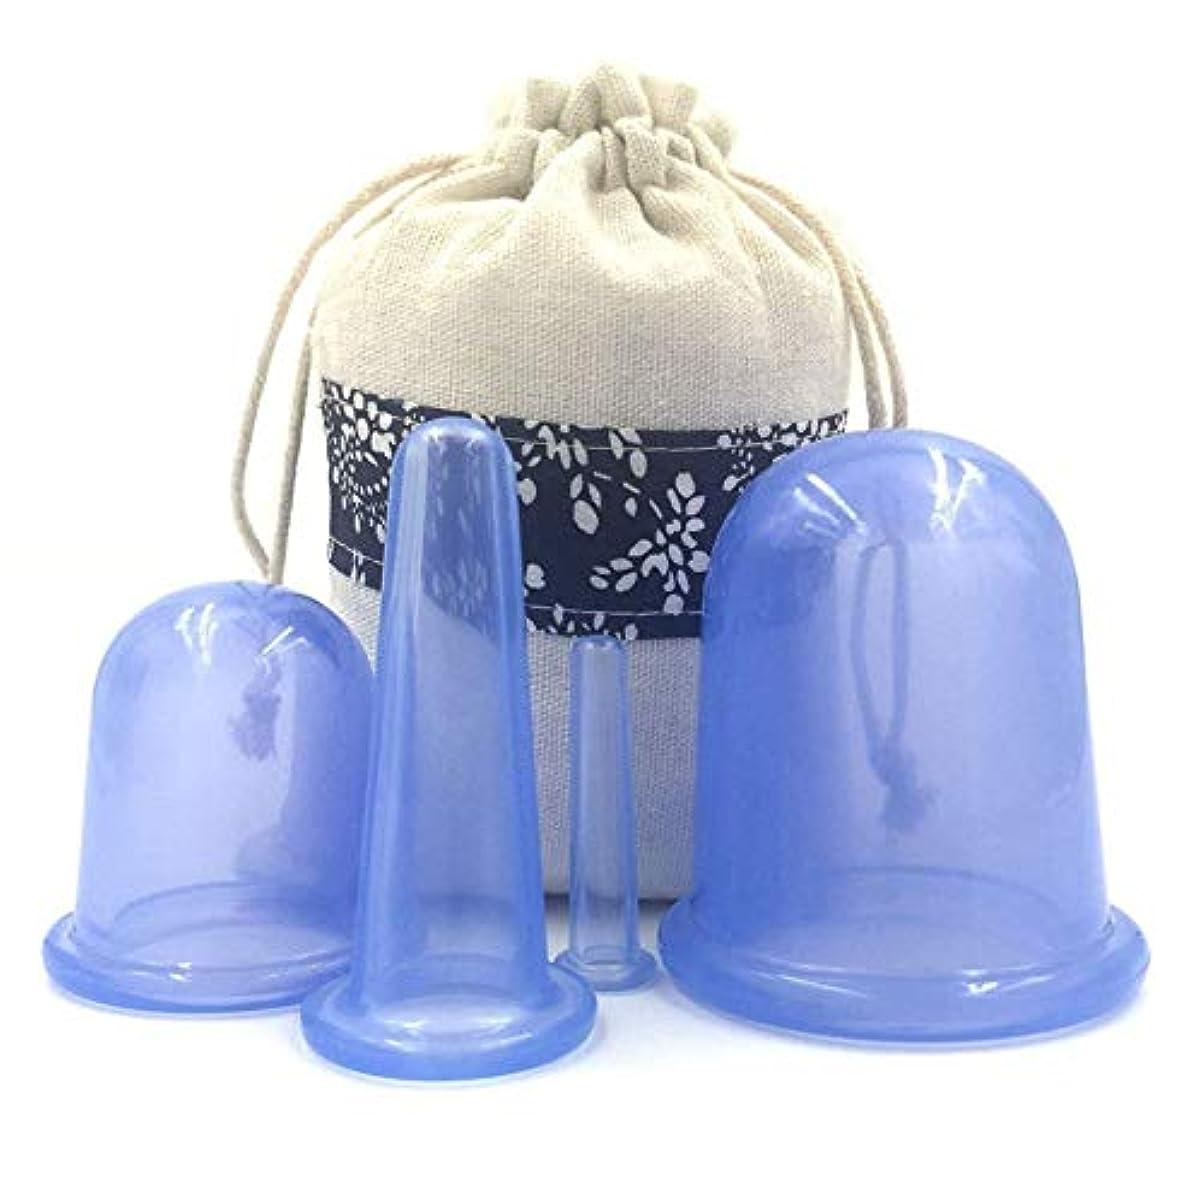 反発する収容する定期的治療 カッピングポンプ 吸引器-カッピング療法と筋肉痛の痛みの軽減のための4つのマッサージカップセルライトカッピング用のアンチセルライトマッサージカップ (Color : Clear)